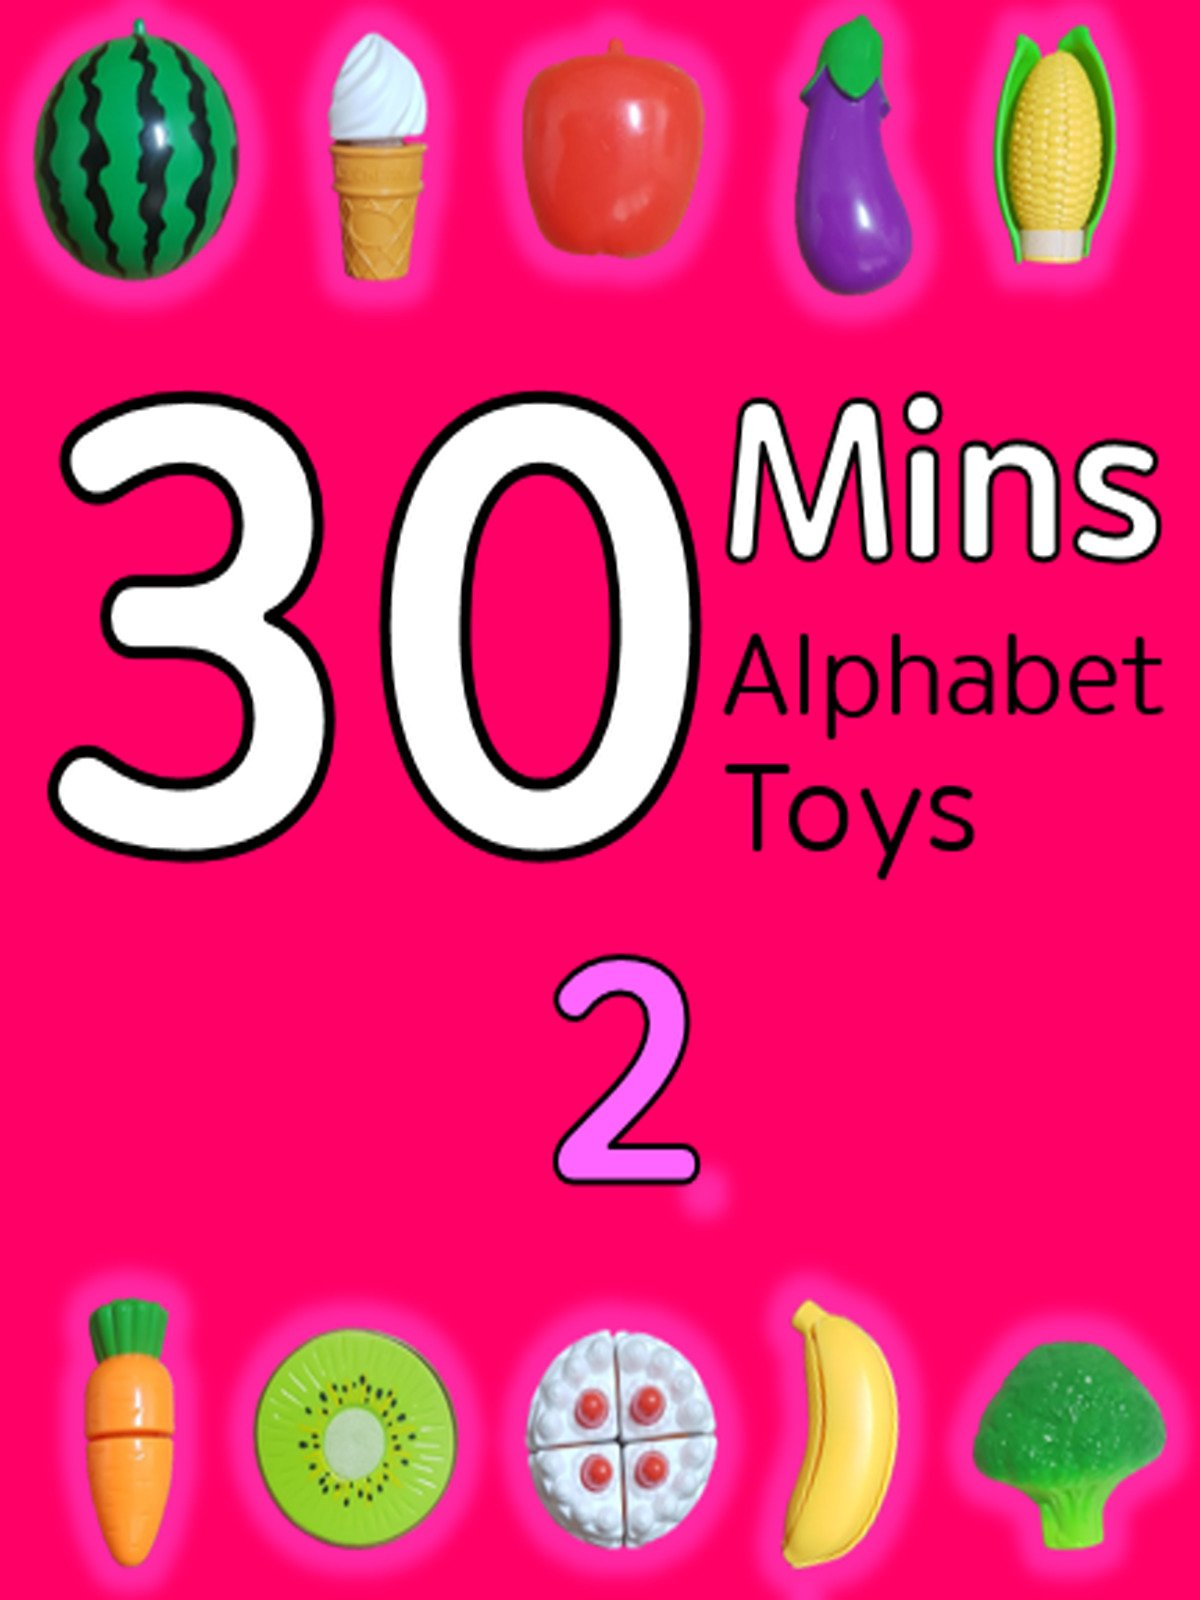 30 Minutes Alphabet Toys #2